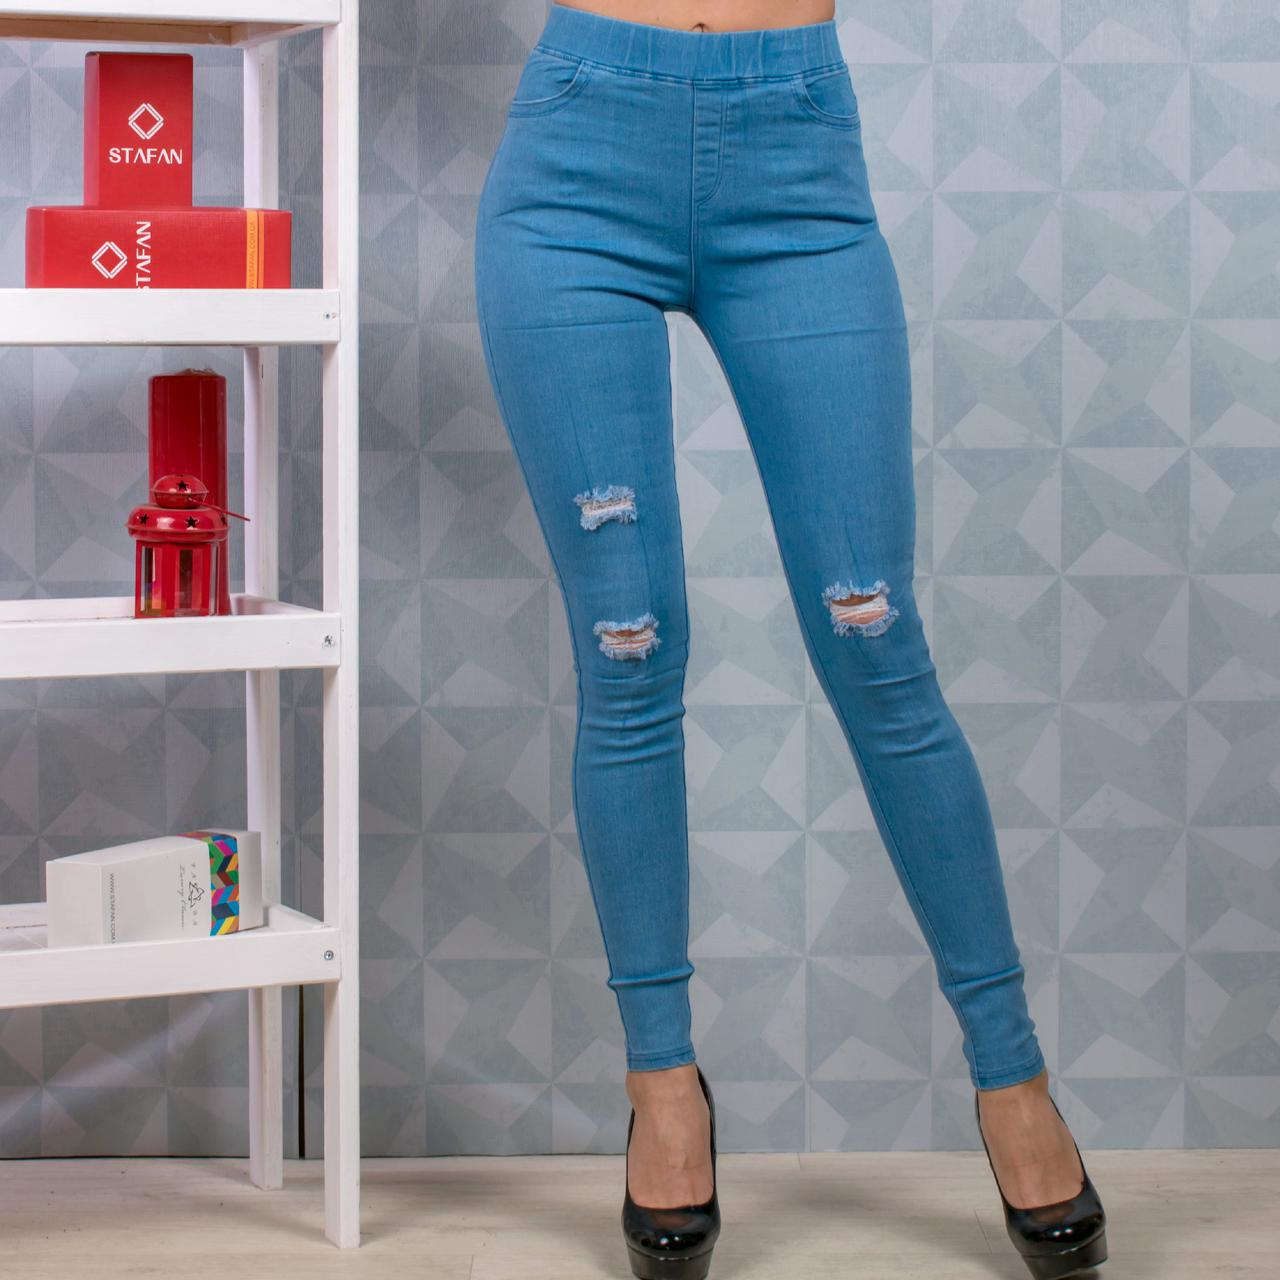 c733daedf99 Женские джинсы стрейч с разрезами Ласточка A650-3-1 M-L. Размер 40-